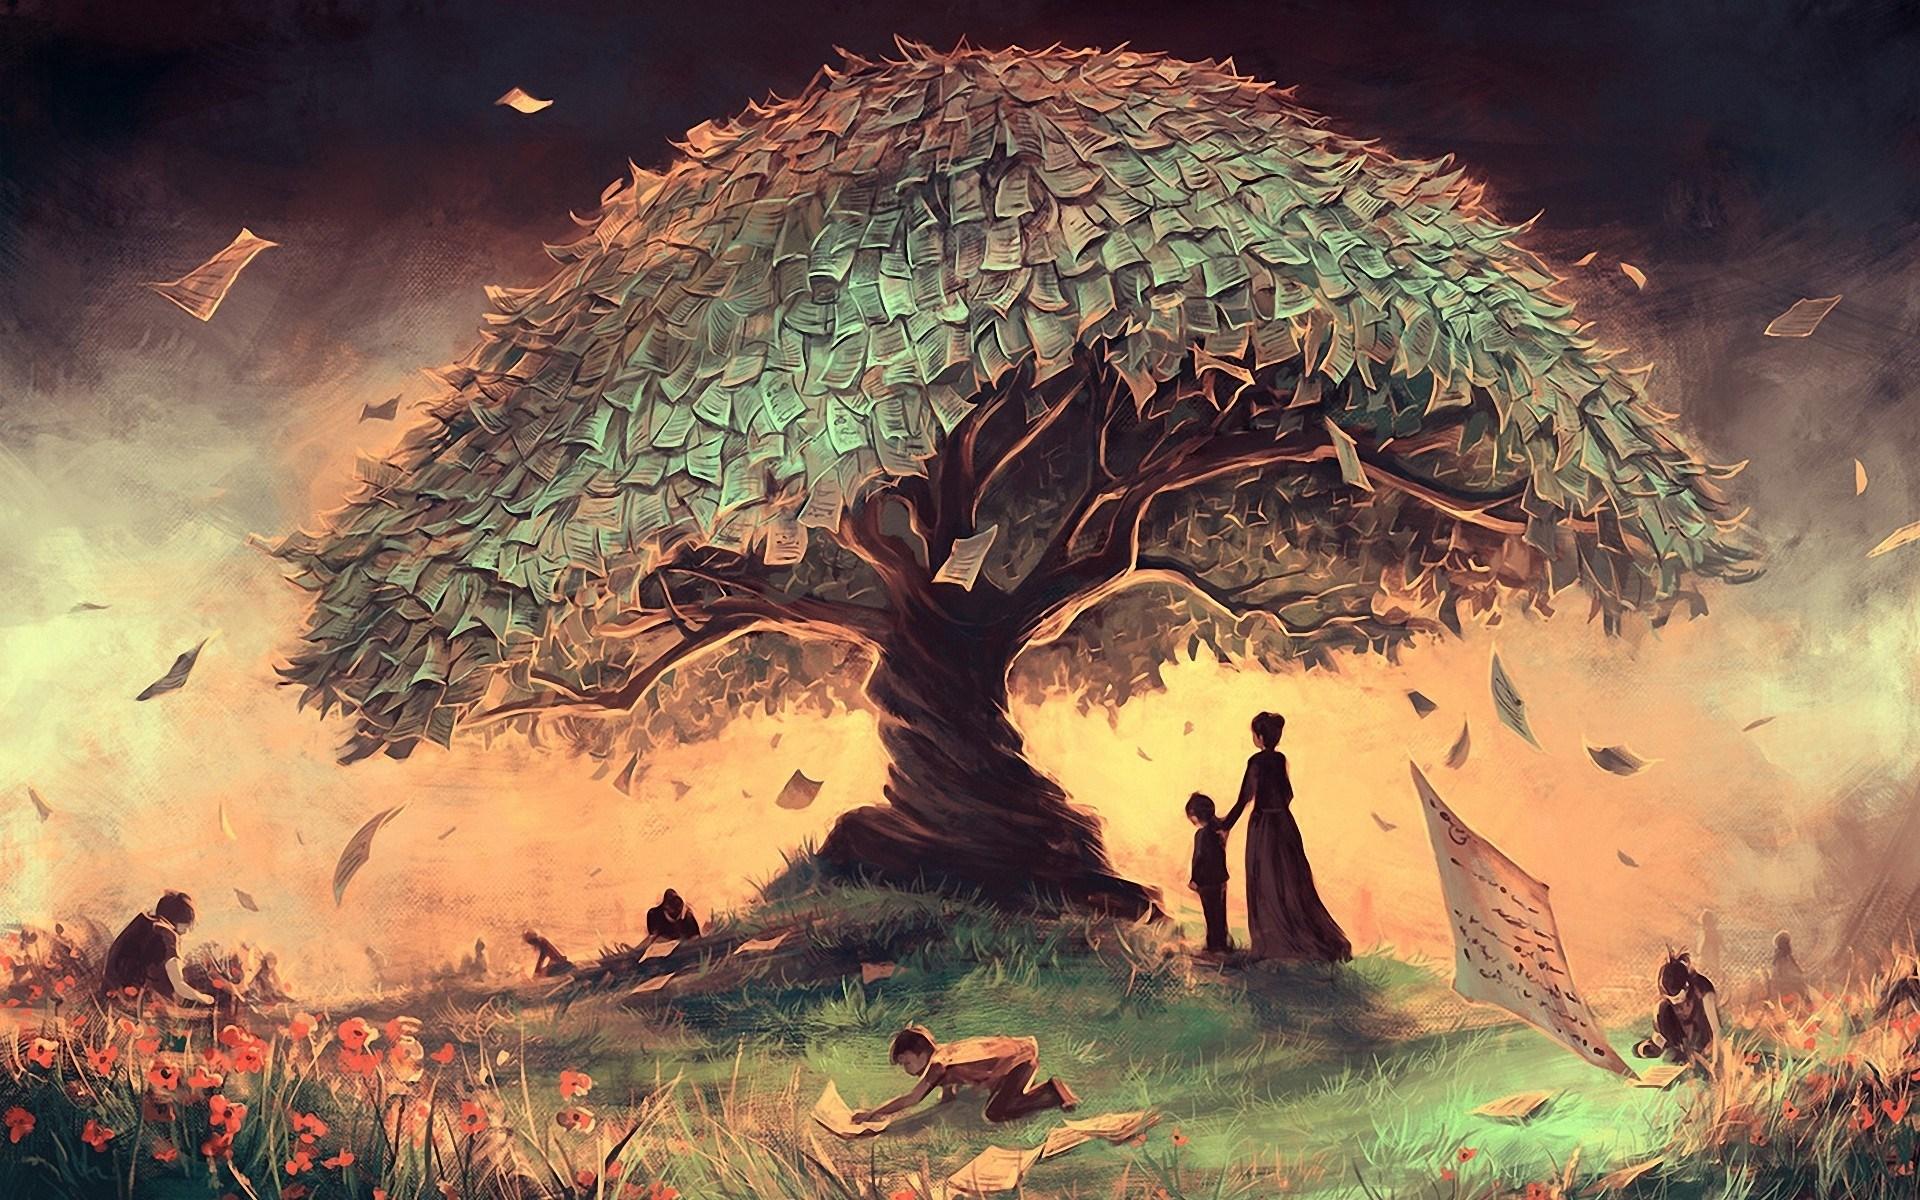 tree-letters-art-dreaming-child-mother-field-hd-wallpaper.jpg